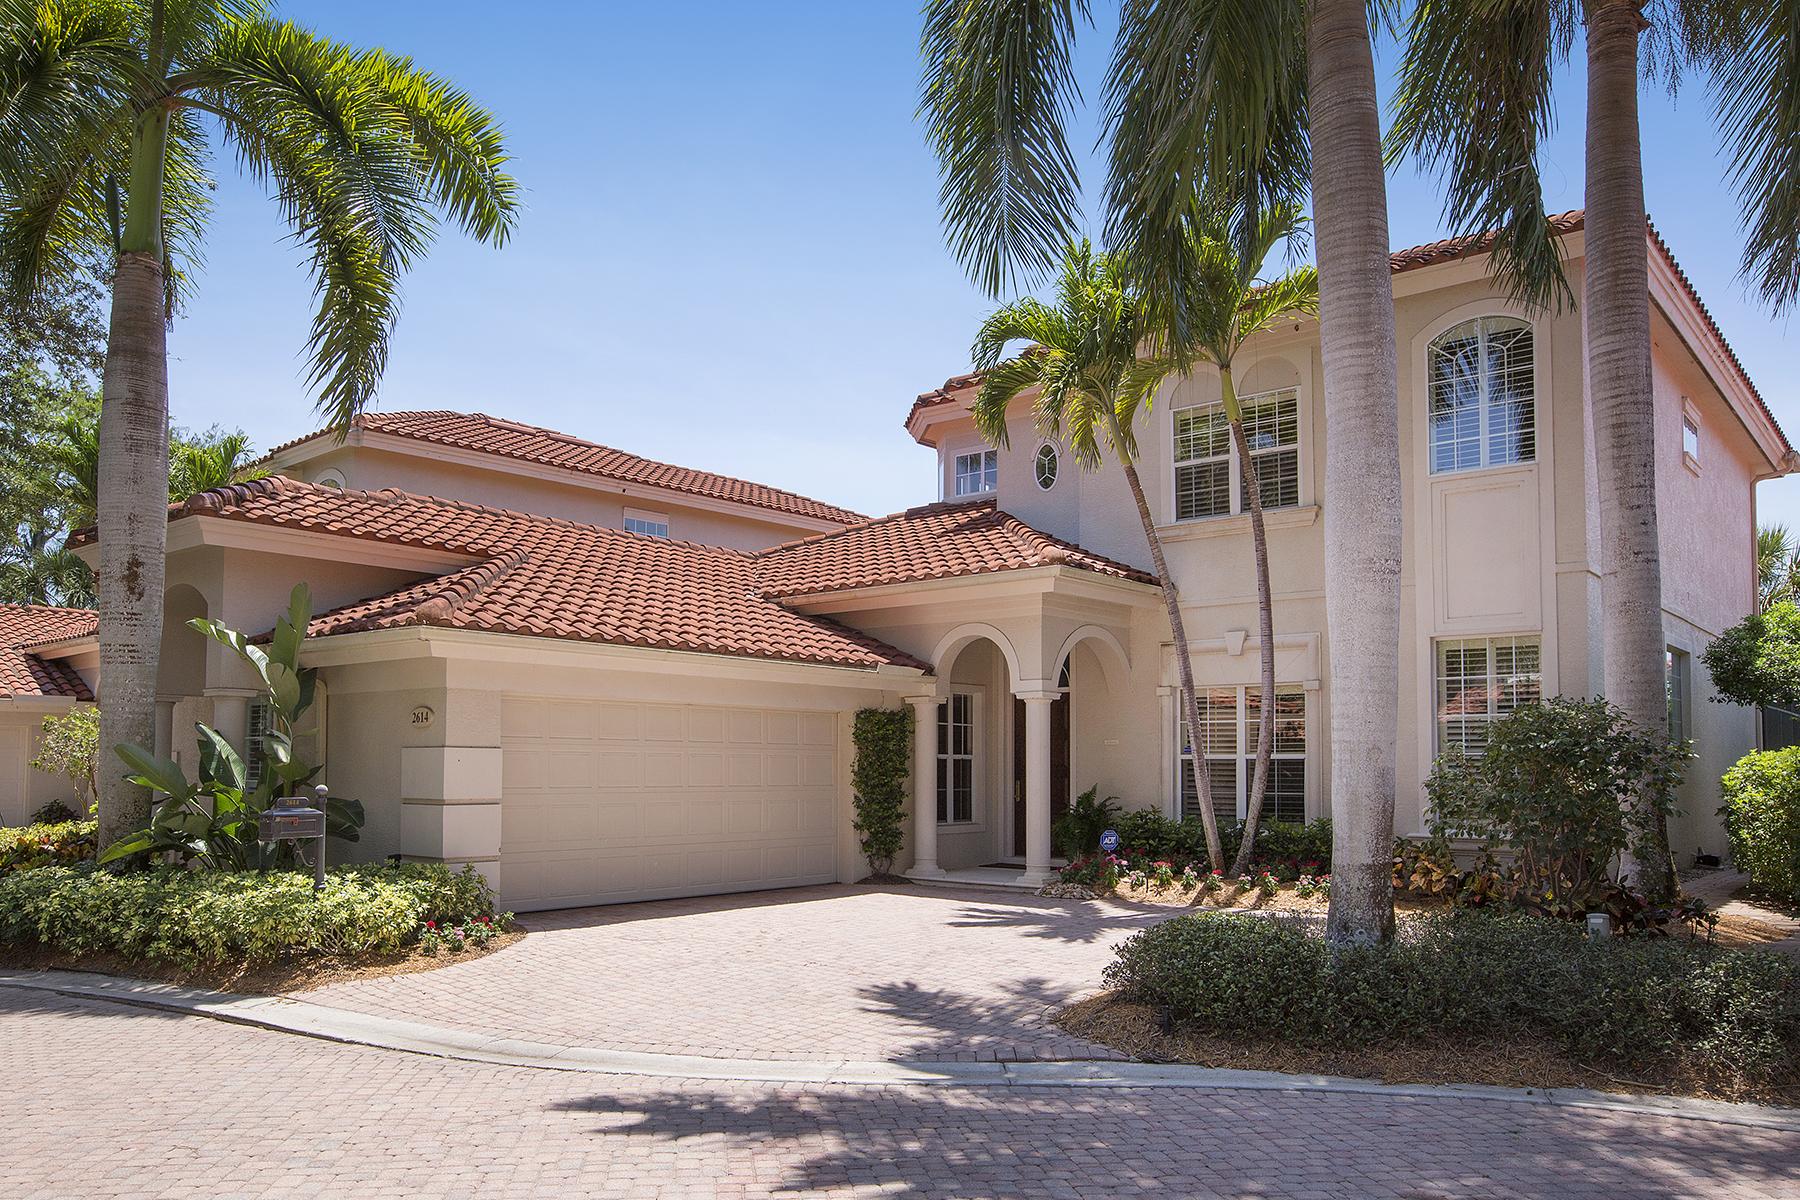 Villa per Vendita alle ore 2614 Lermitage Ln , Naples, FL 34105 2614 Lermitage Ln Naples, Florida, 34105 Stati Uniti